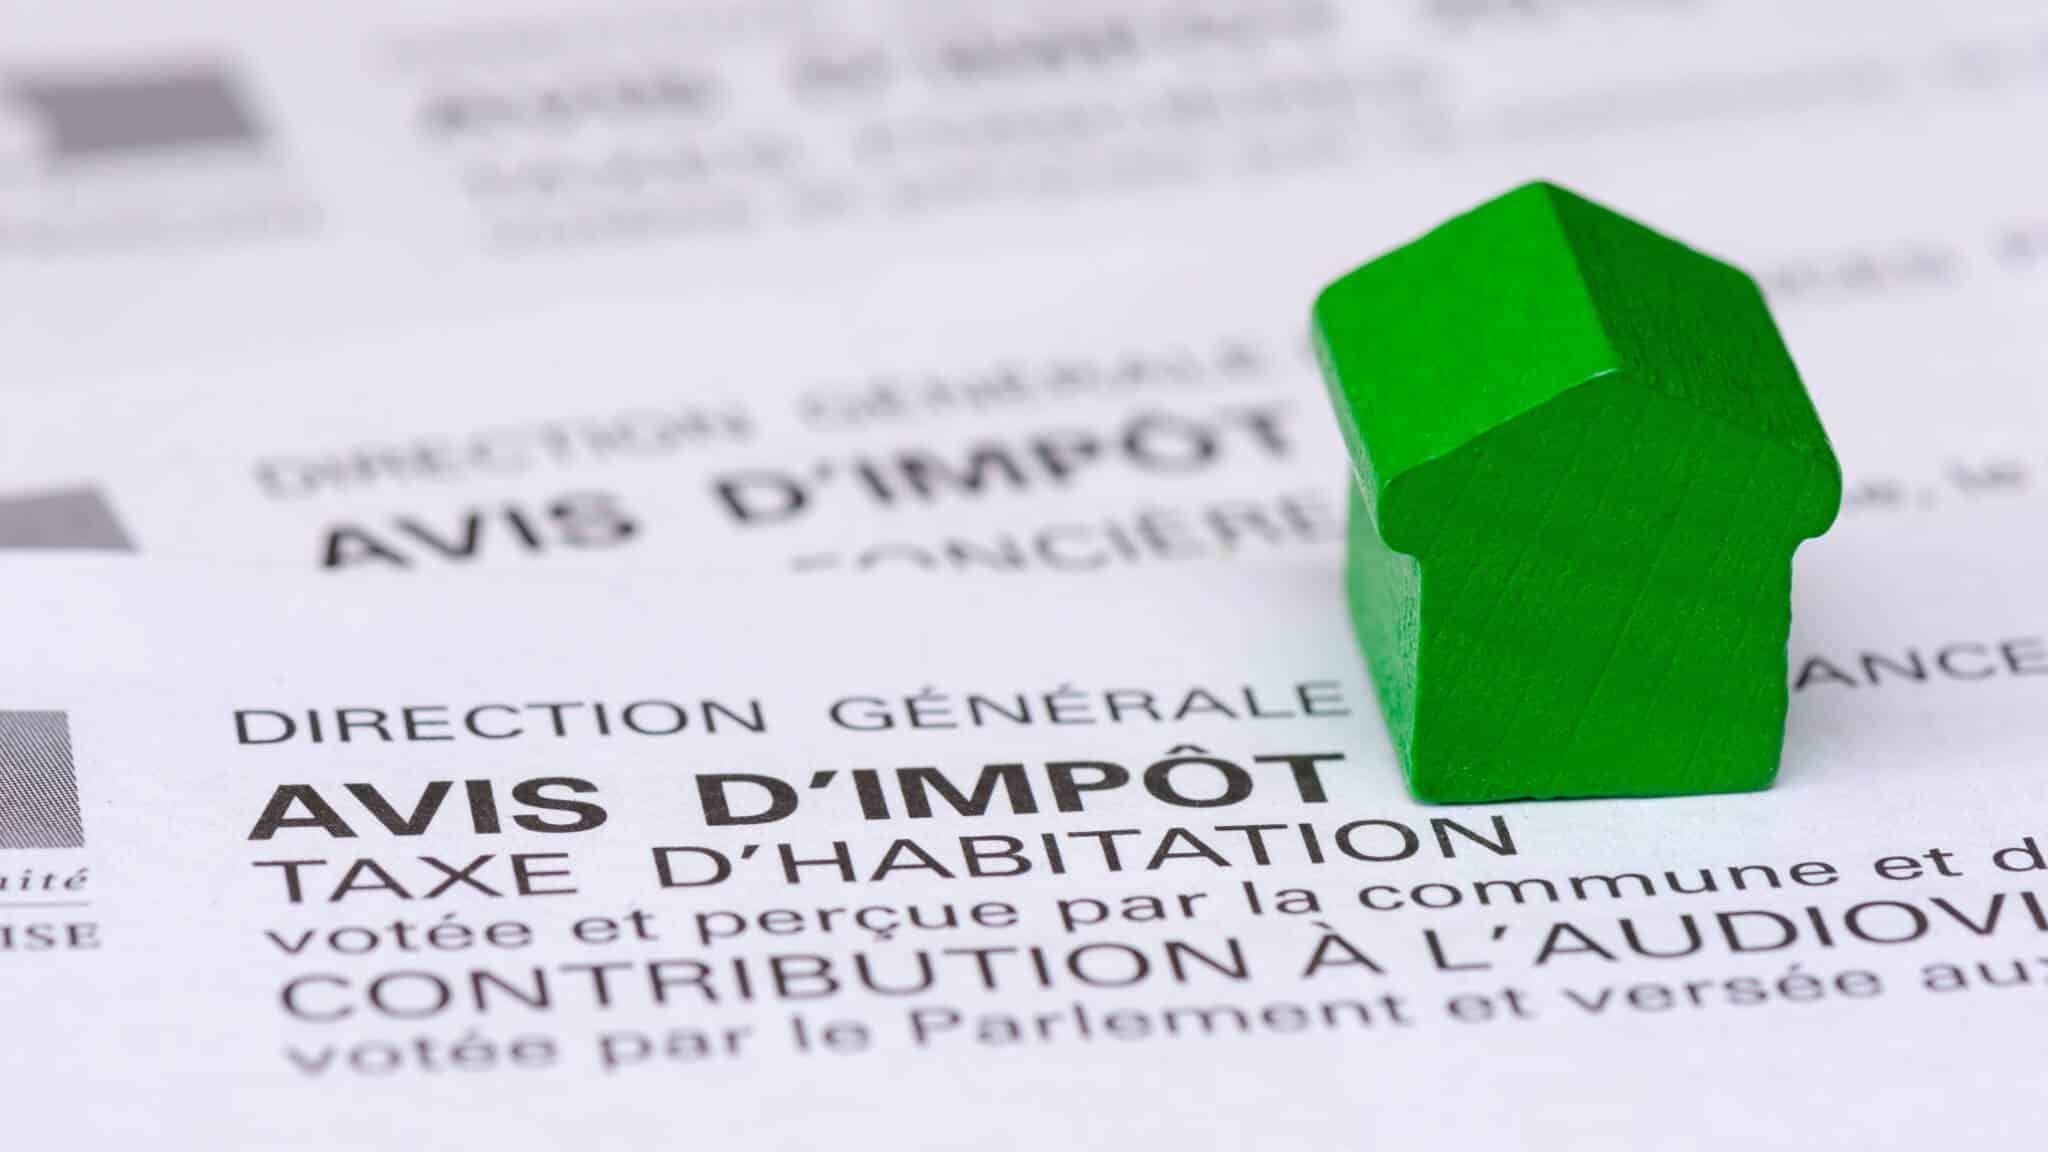 Qui est exonéré de la taxe d'habitation en 2020 ?